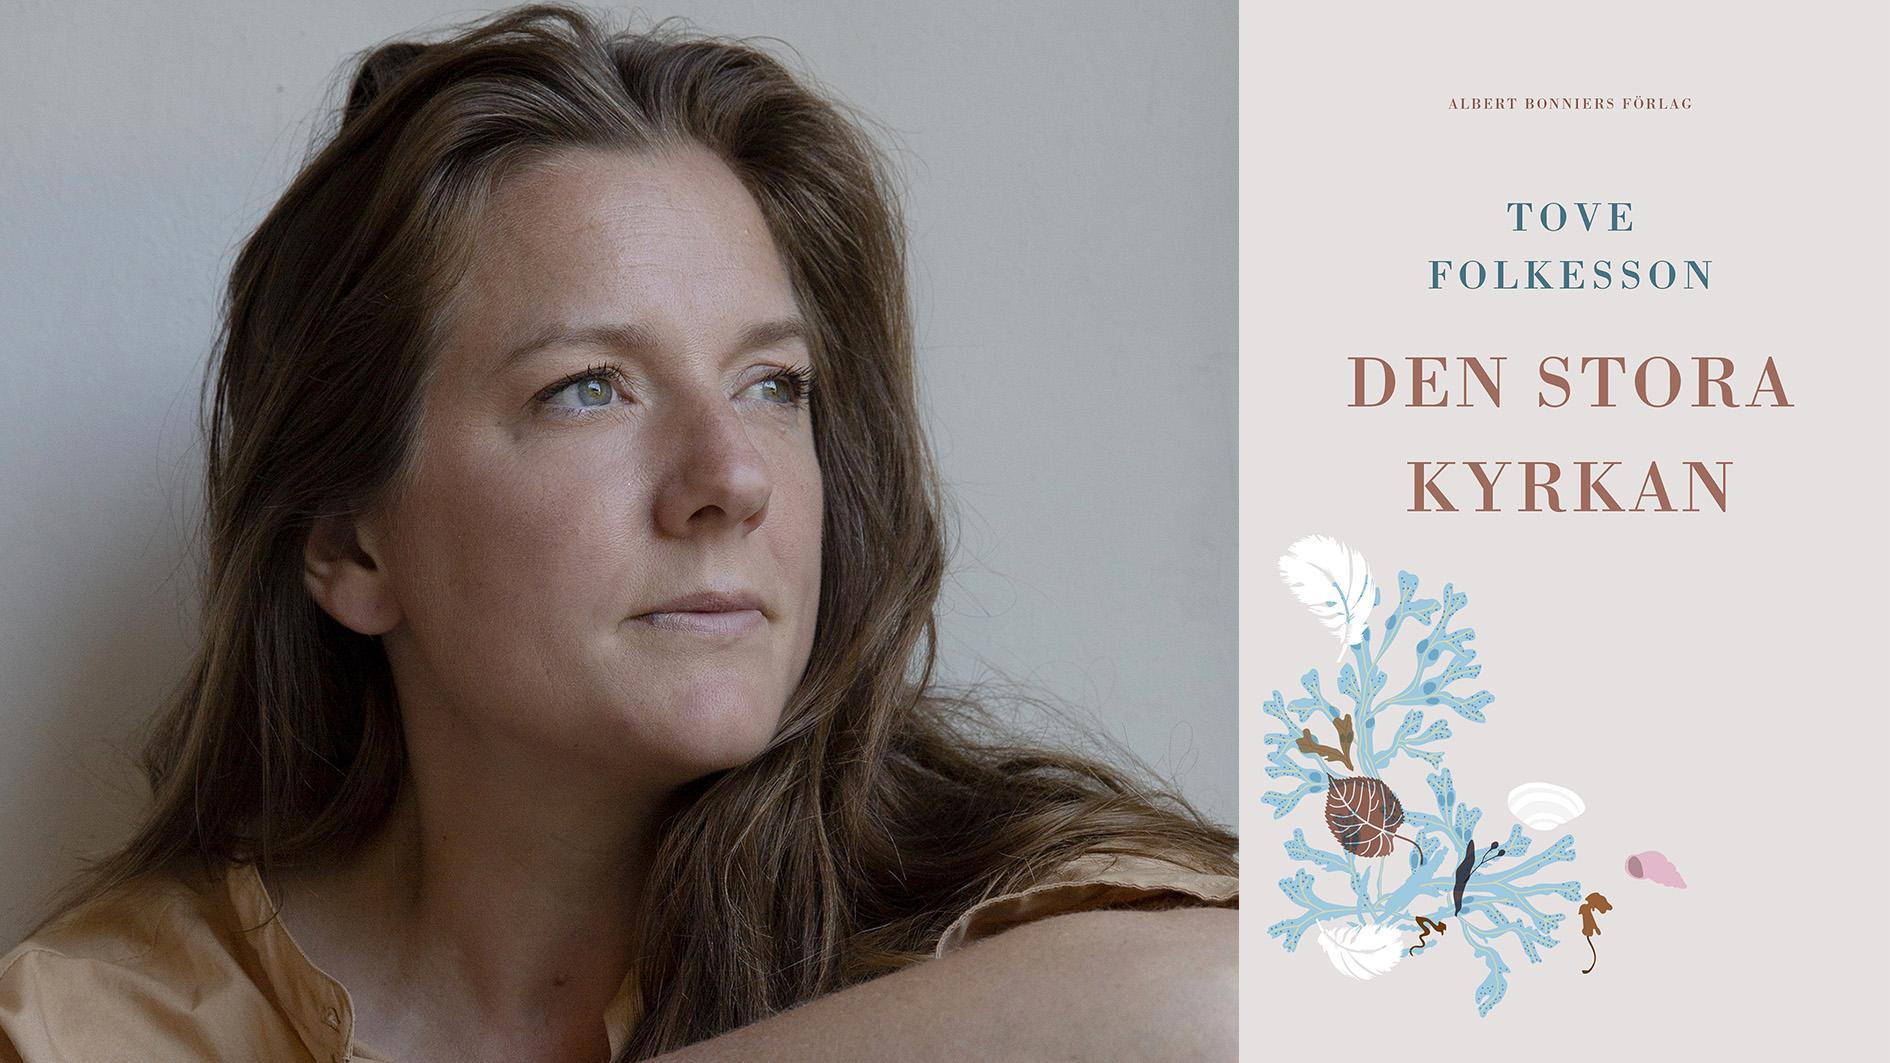 """Tove Folkesson utforskar i sin nya roman, """"Den stora kyrkan"""", de egna erfarenheterna och livet. """"Hon återinför en sorts vördnad för livssammanhangen, familj, vänner, naturen och djuren där vid havet där hon bor"""", skriver Pia Bergström."""